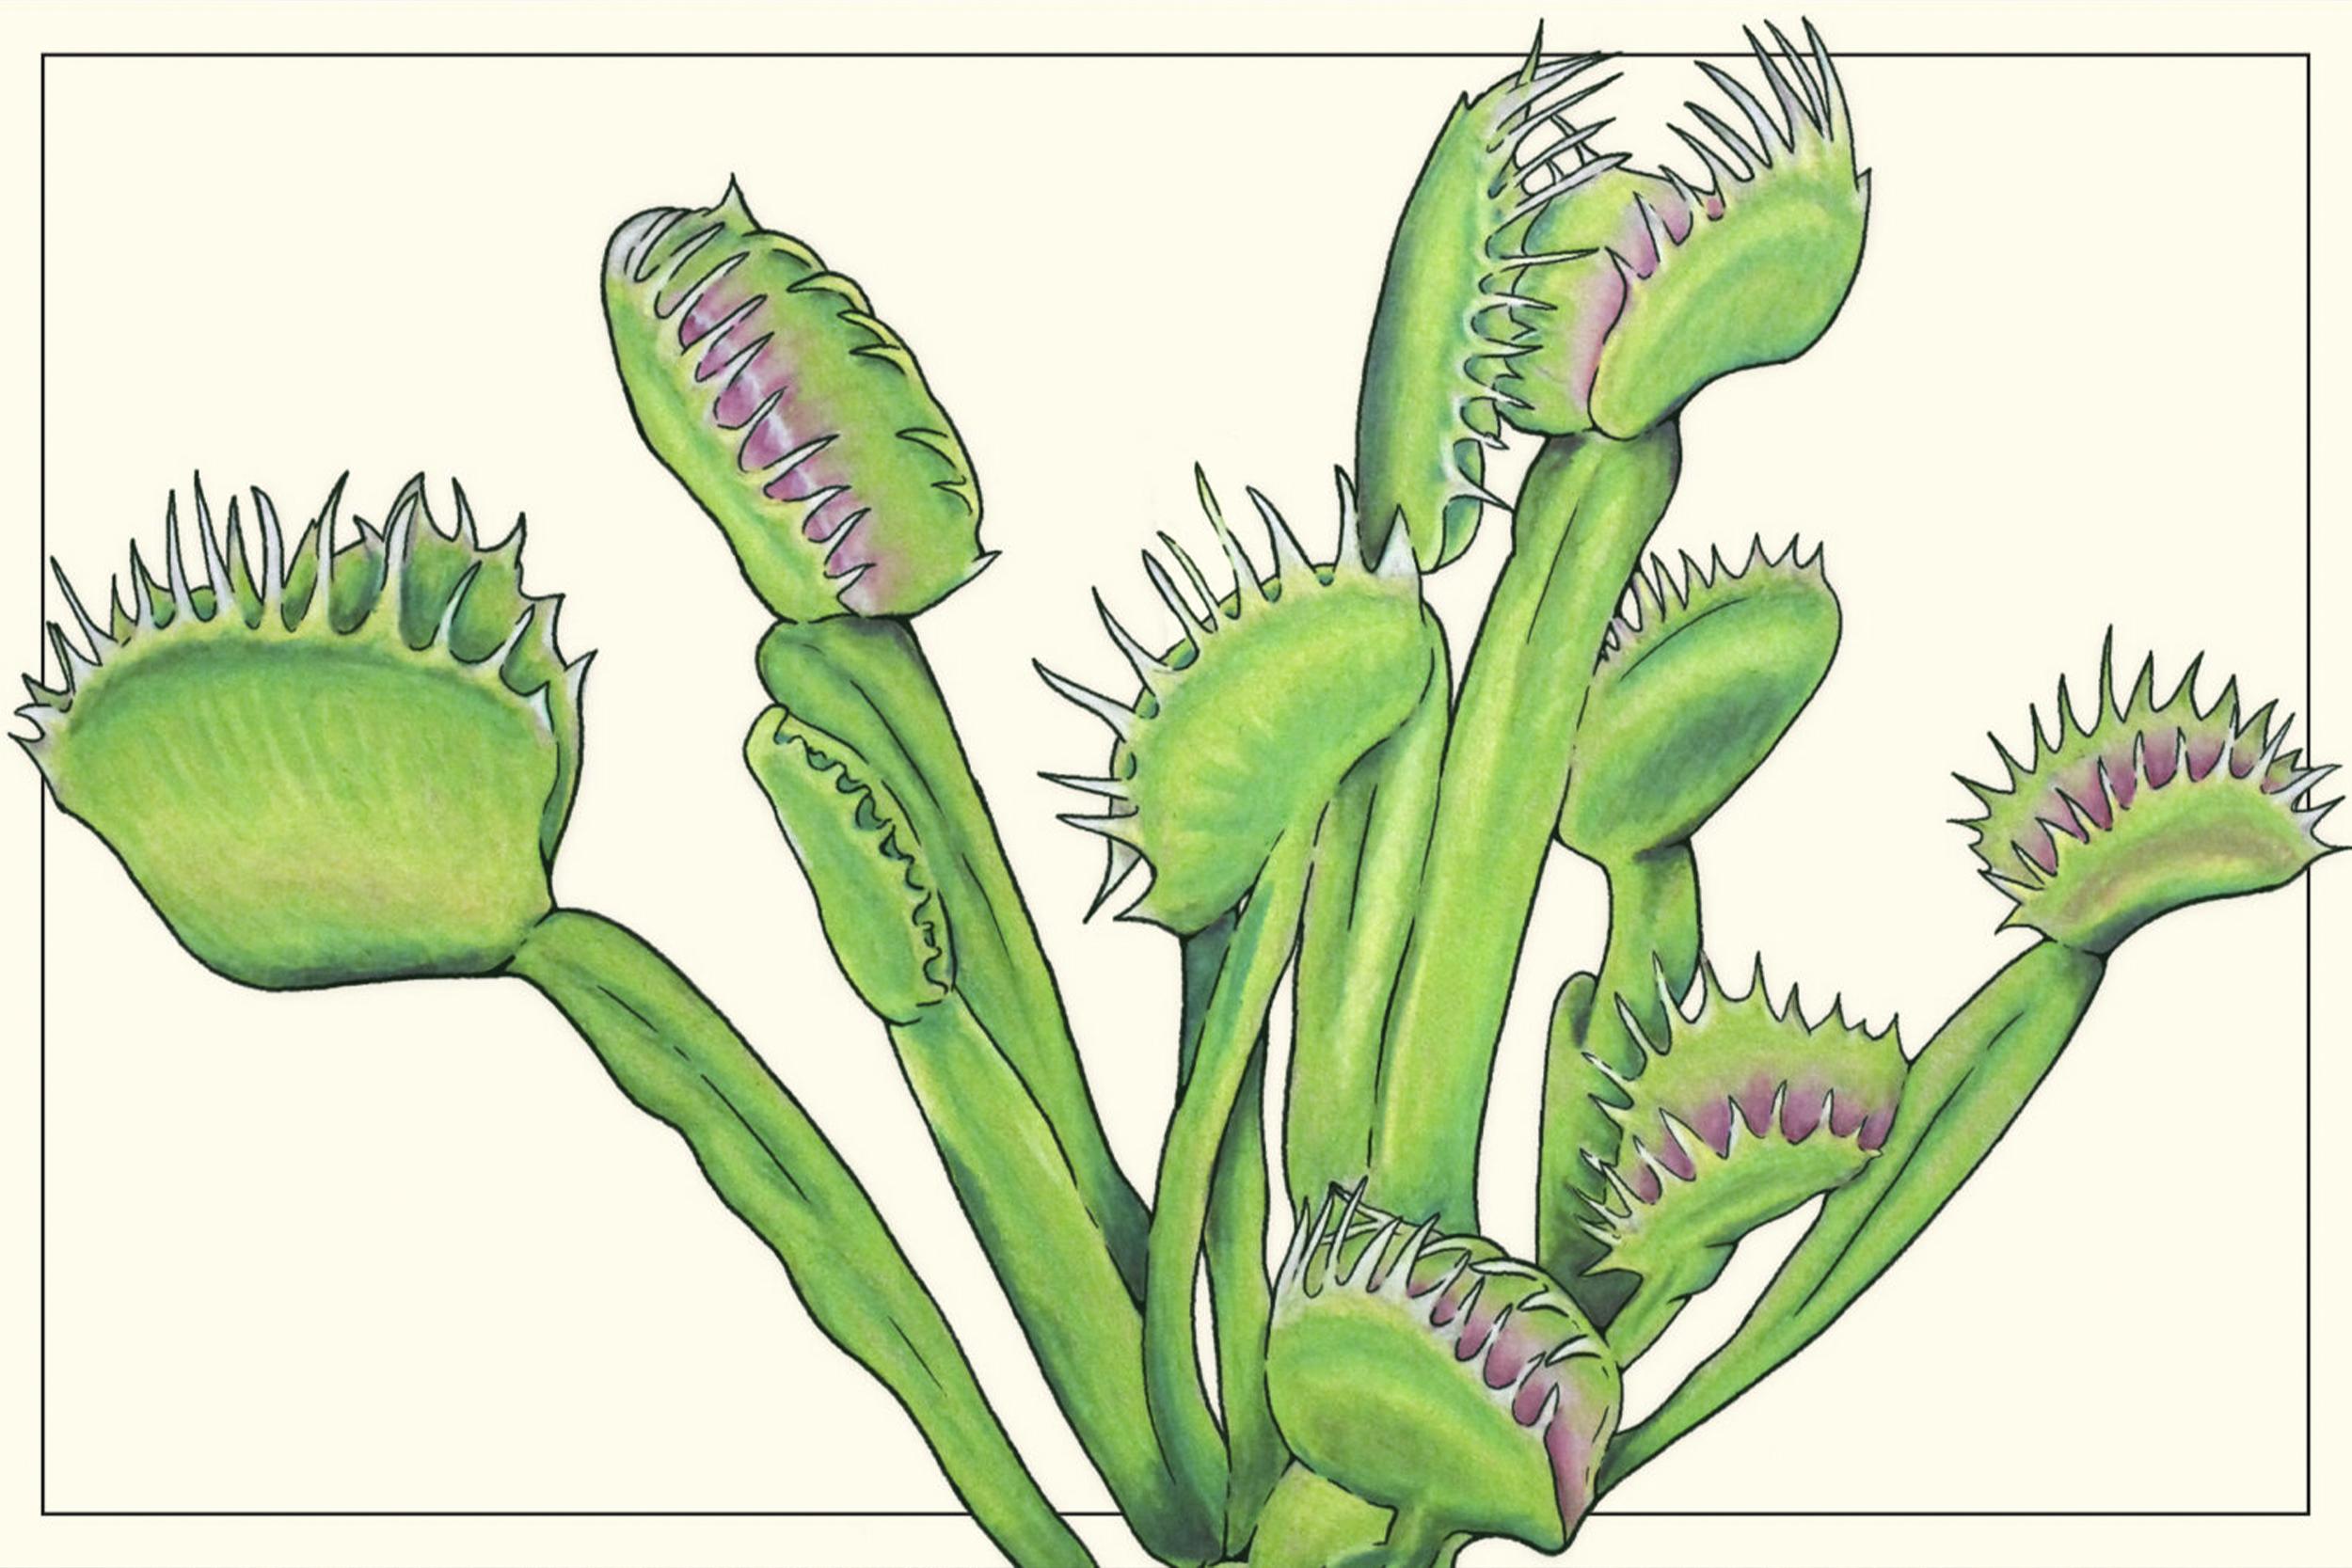 illustration of a Venus flytrap